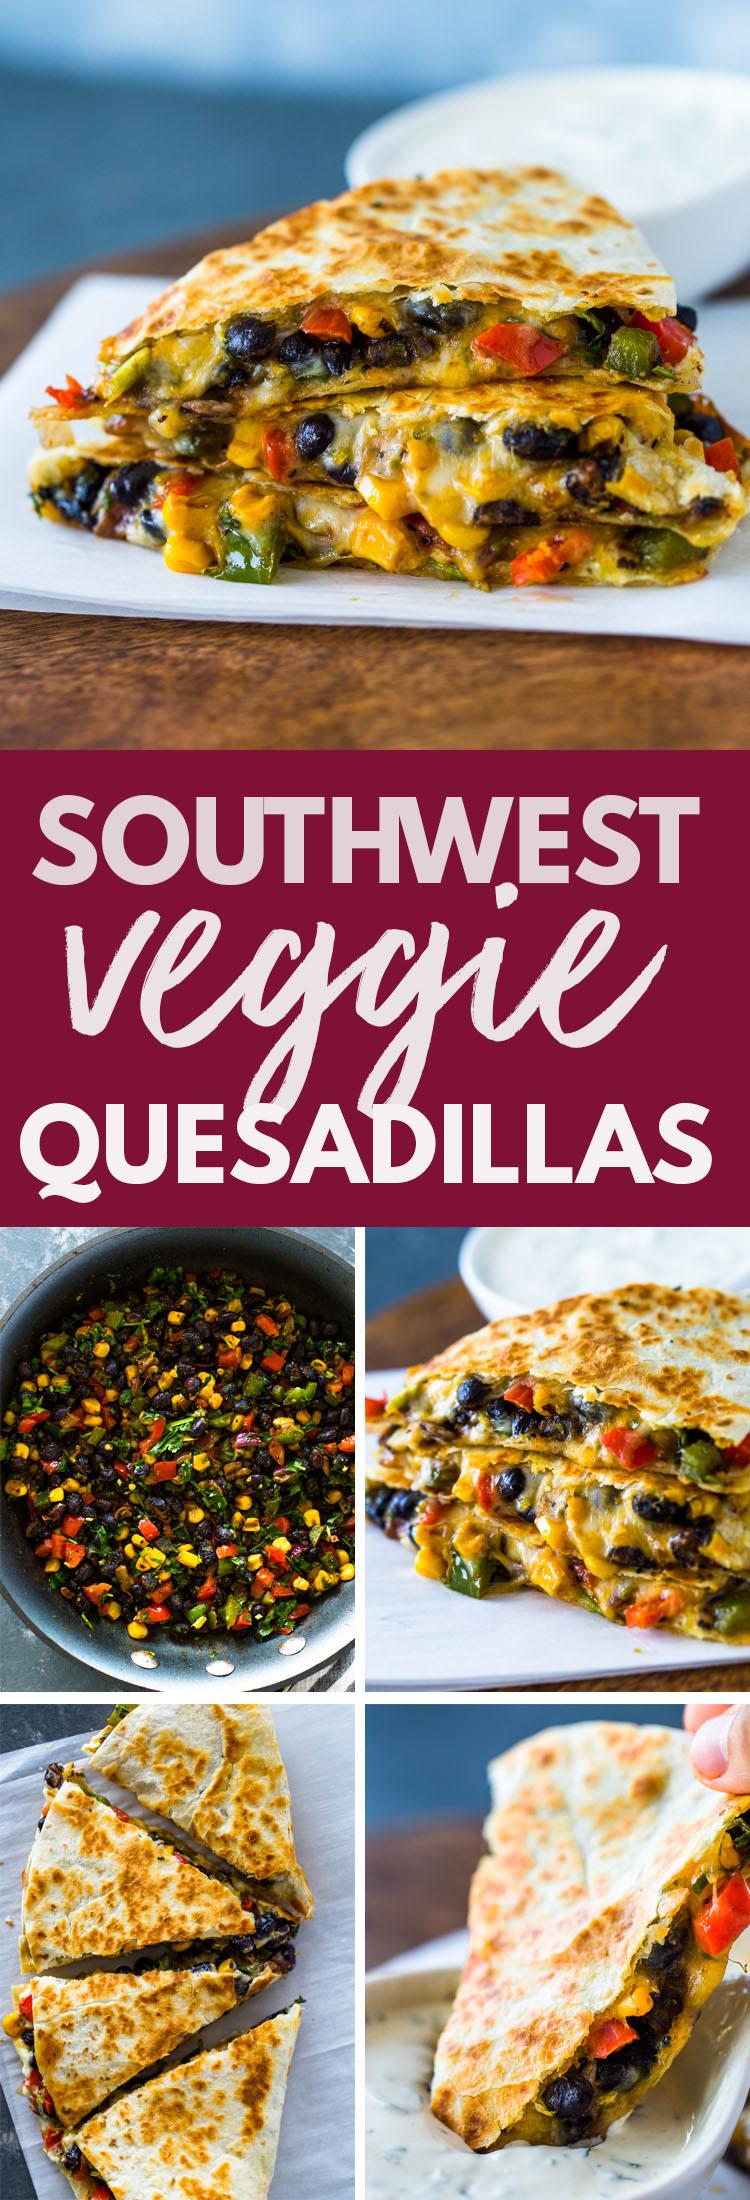 Southwest Veggie Quesadillas